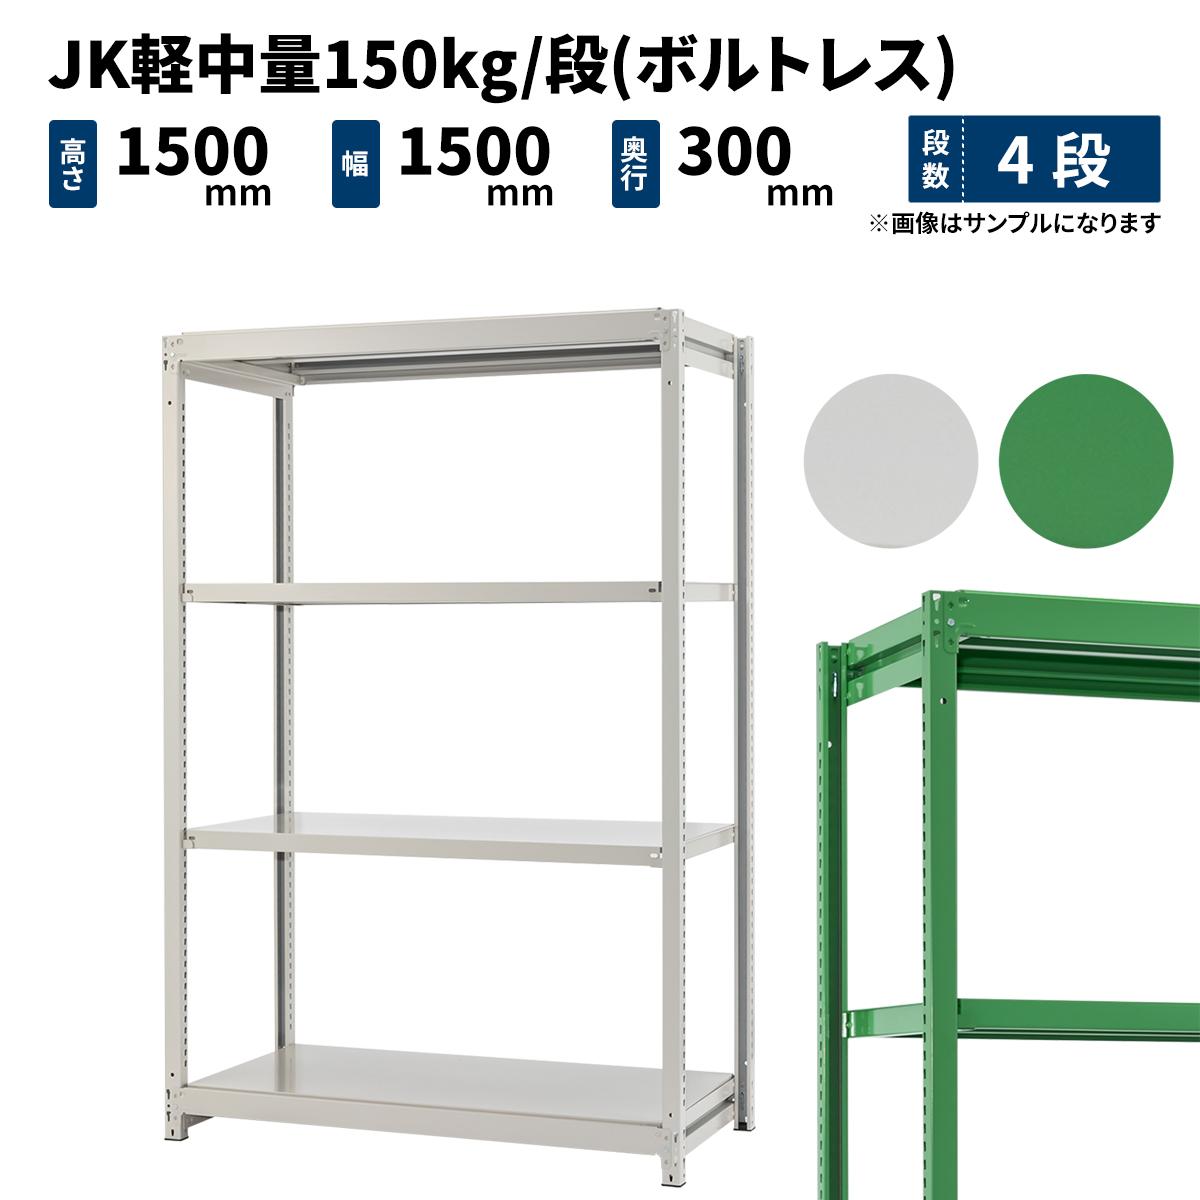 スチールラック 業務用 JK軽中量150kg/段(ボルトレス) 単体形式 高さ1500×幅1500×奥行300mm 4段 ホワイトグレー/グリーン (36kg) JK150_T-151503-4